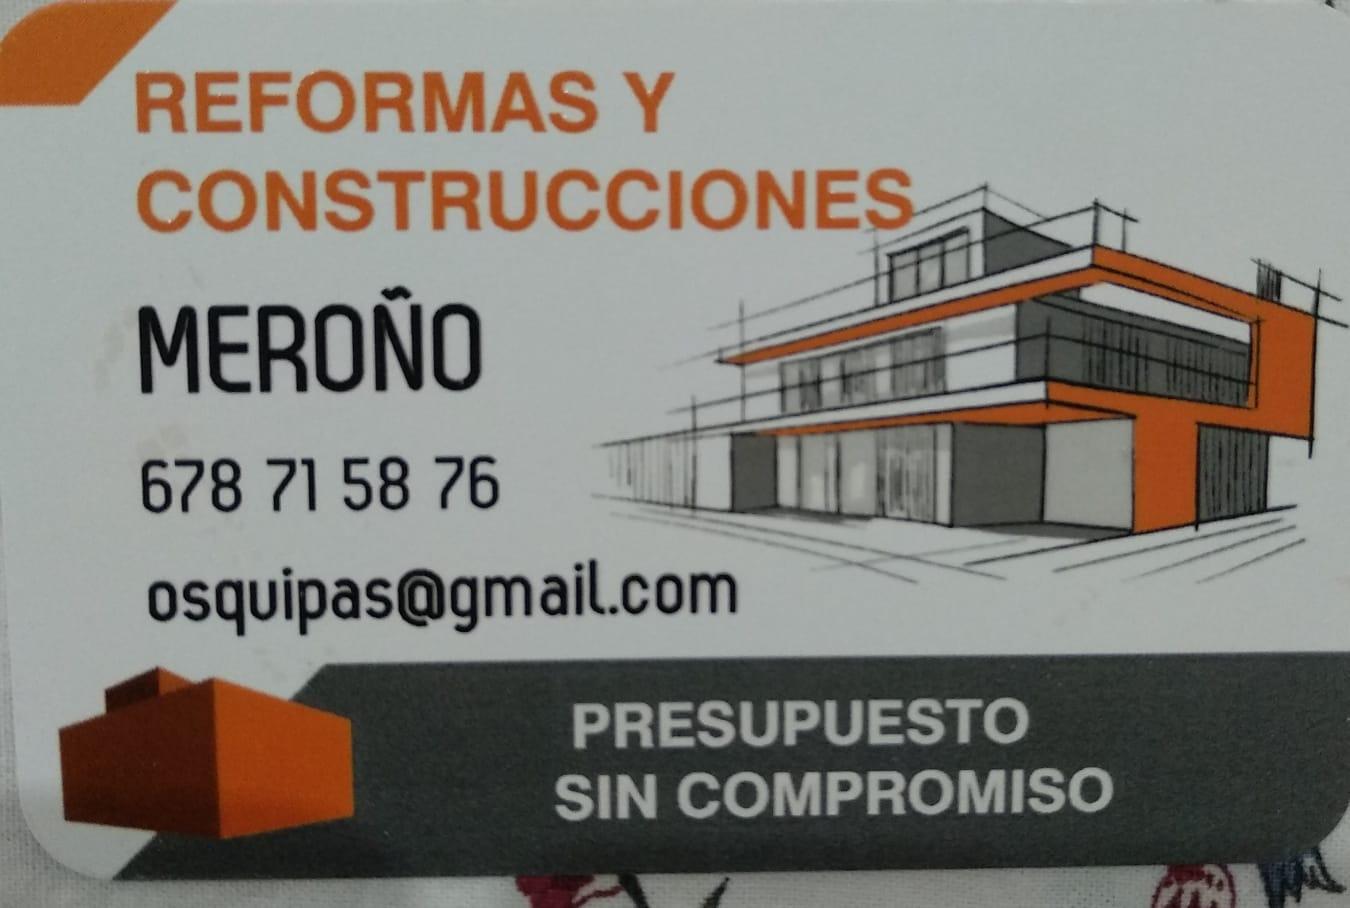 Reformas Y Construcciones Meroño